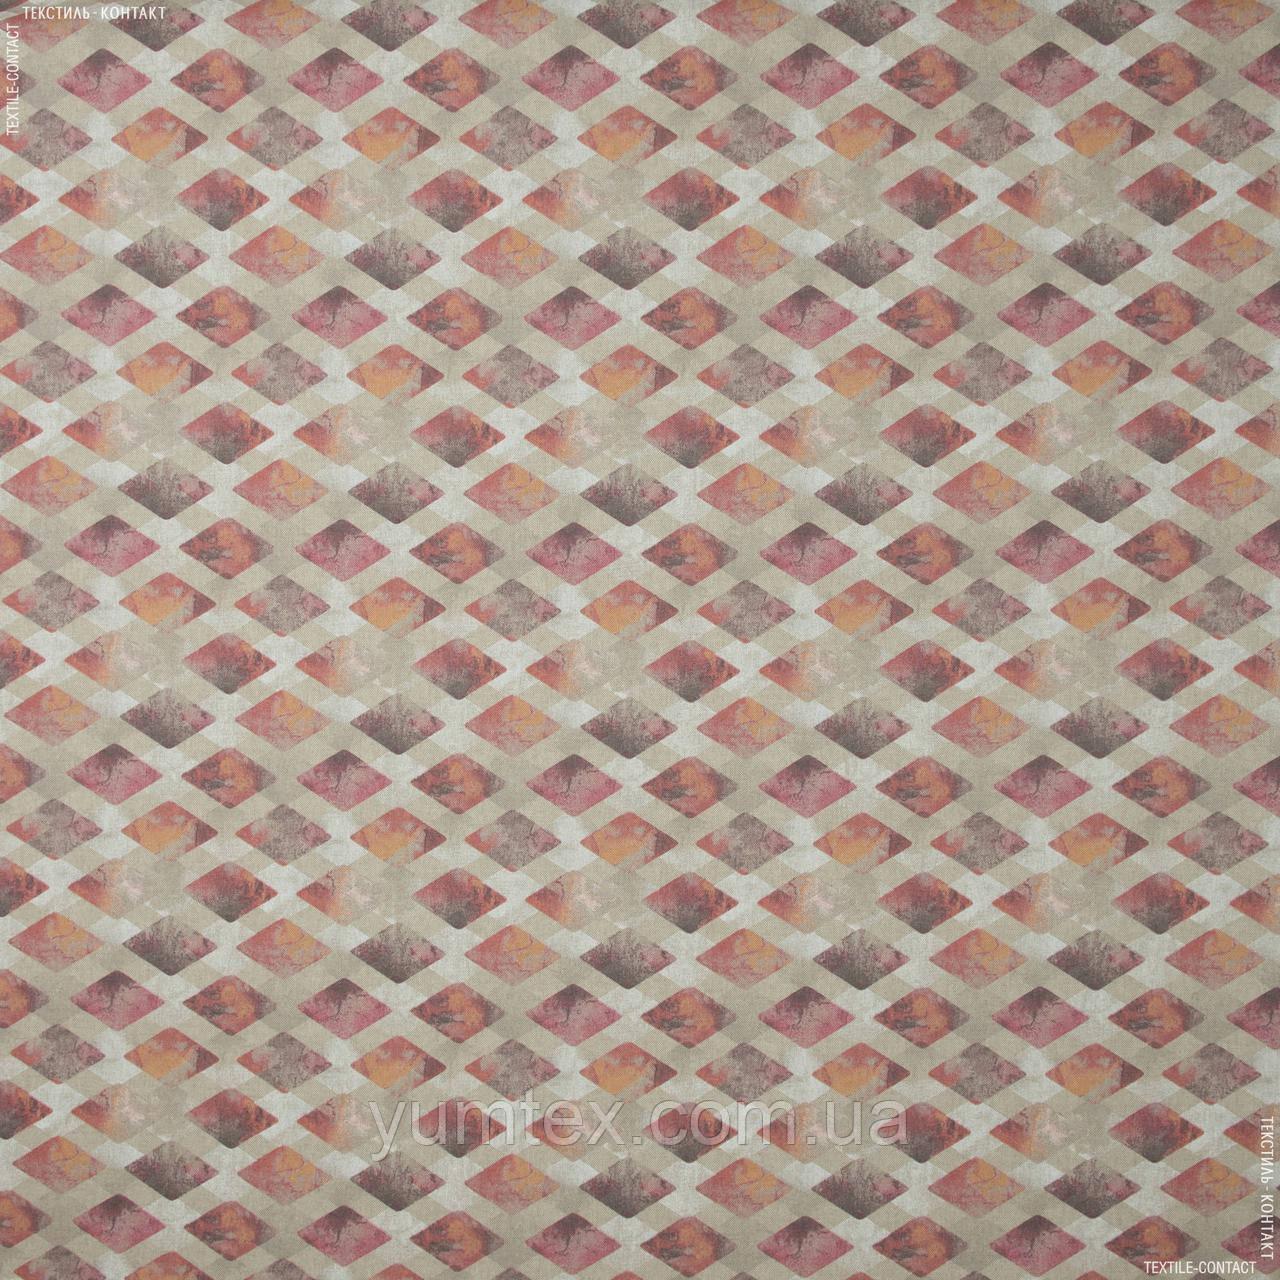 Декоративная ткань дарин/darien ромб розовый 145534